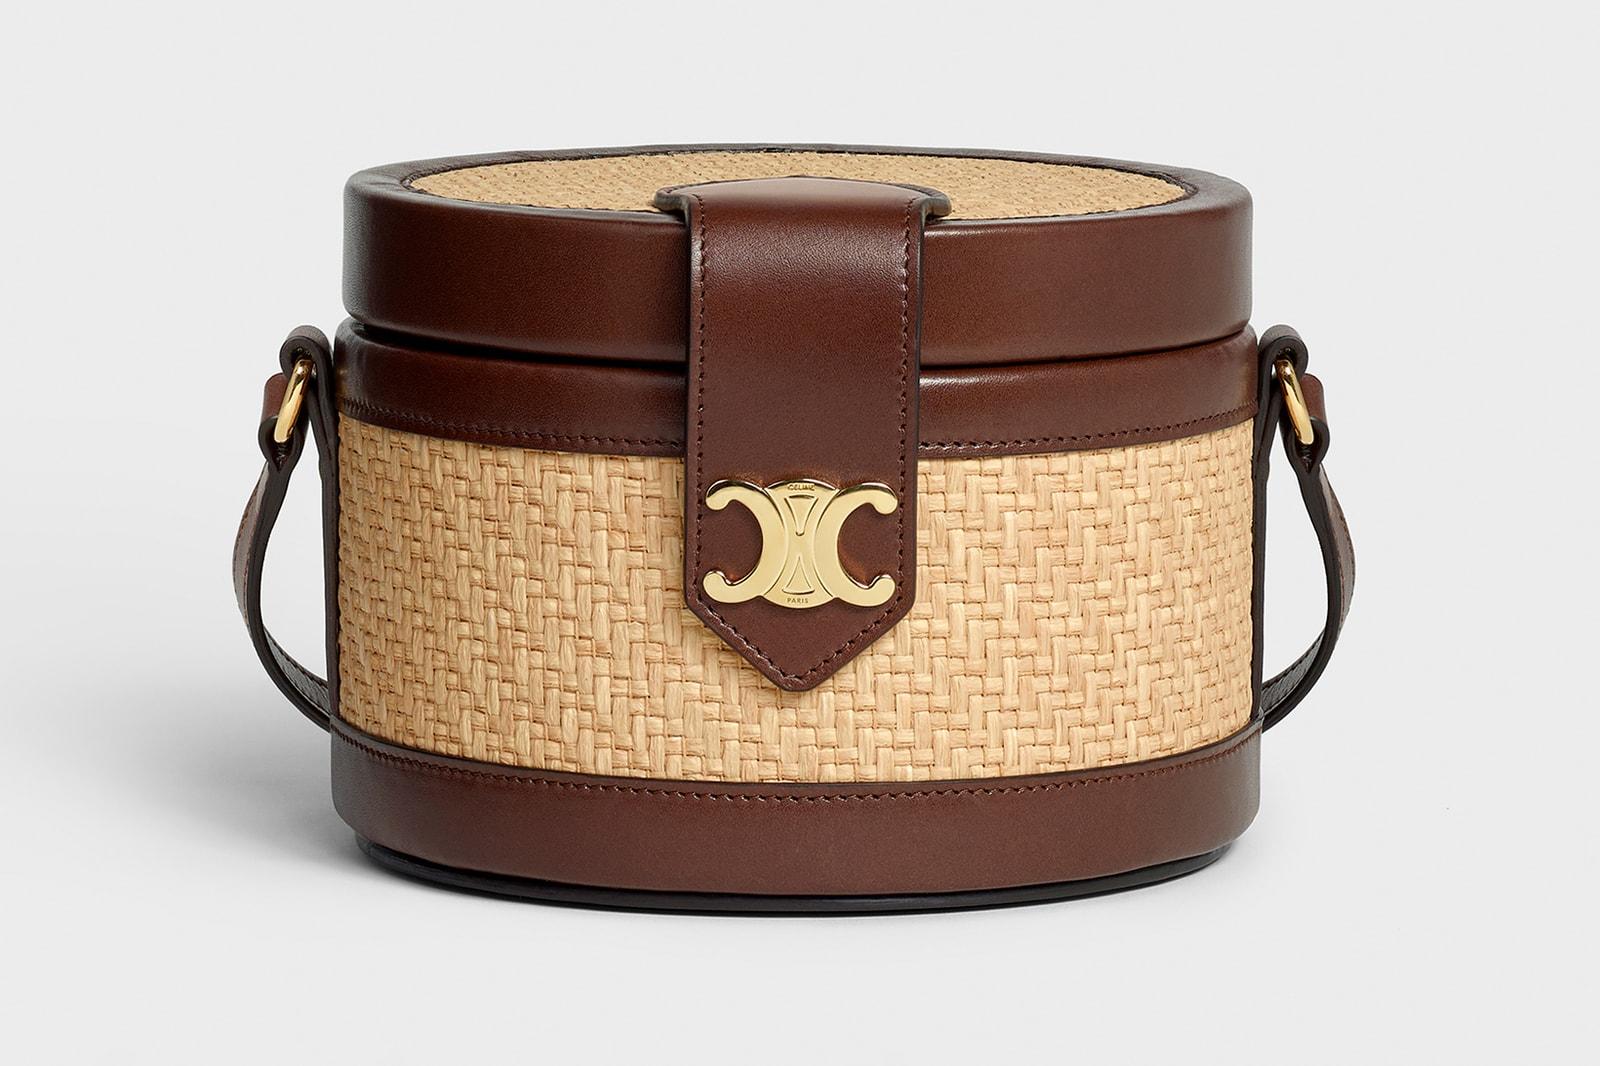 Lisa BLACKPINK CELINE Tambour Bag Purse Brown